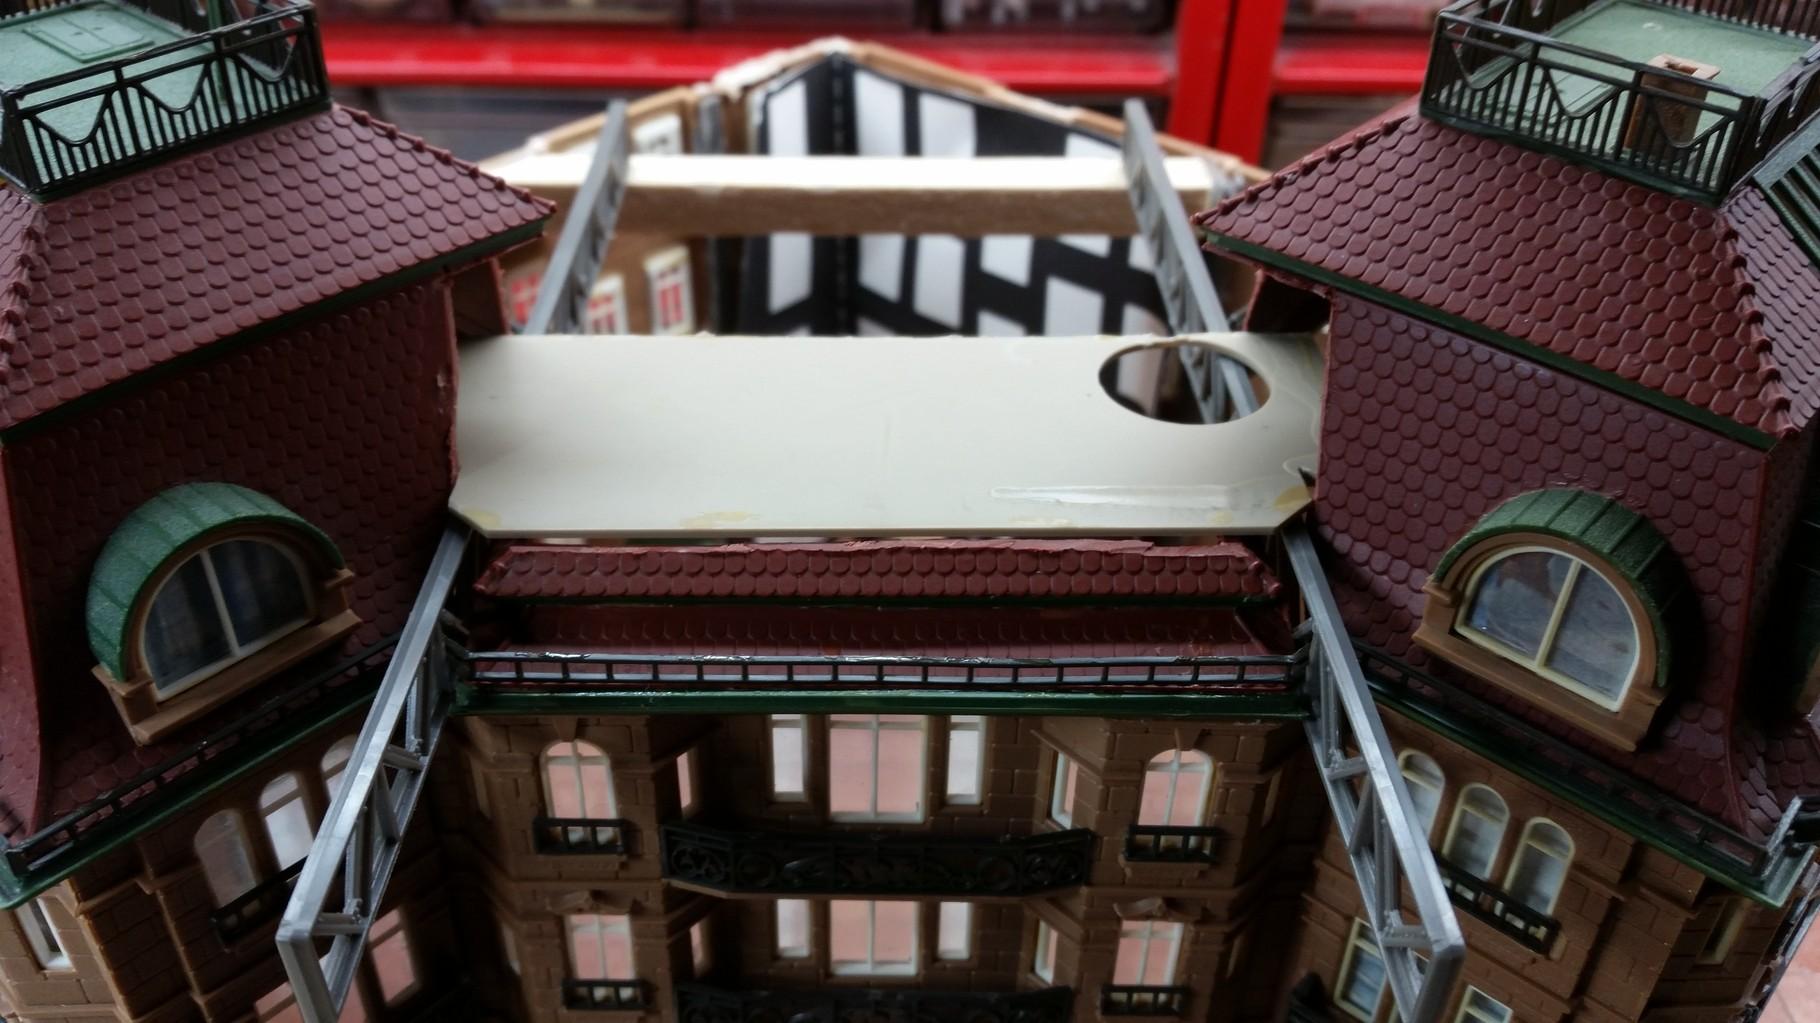 Auswahl der Bodenplatte und Anpassung des Daches